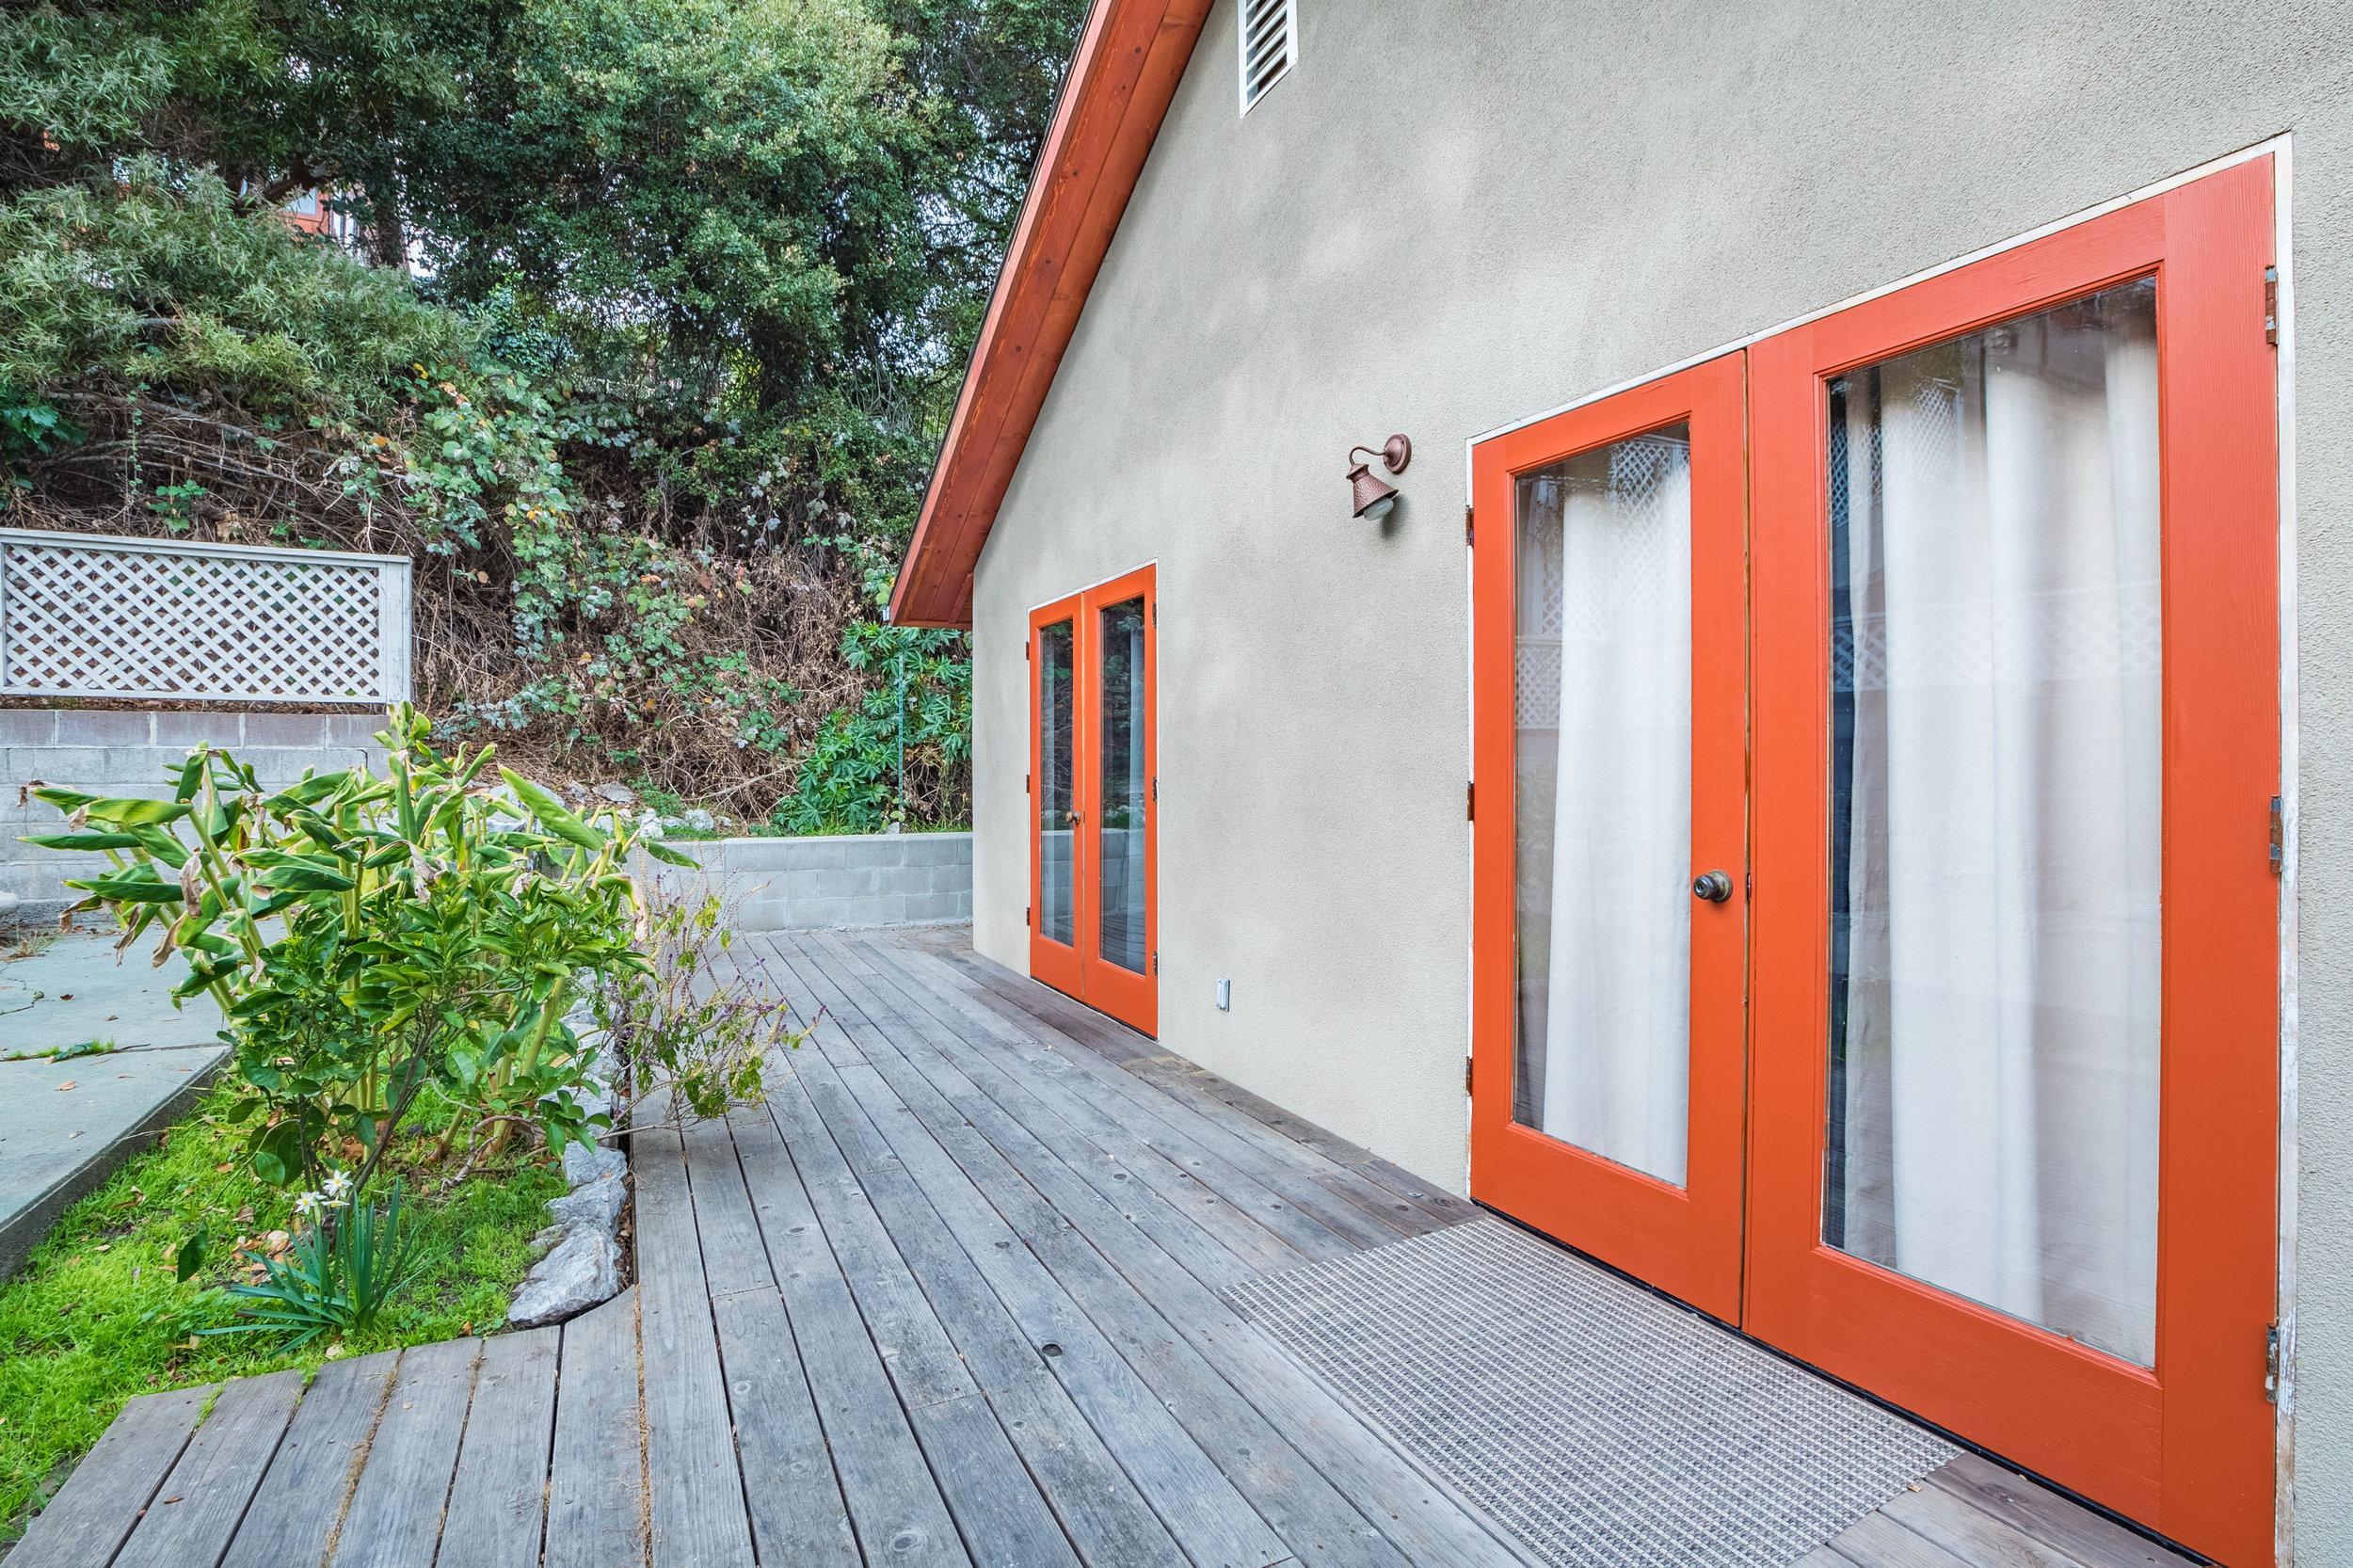 1700+ Sq Ft house 3 Bedroom & 2 Bathroom In Westlake School Dist